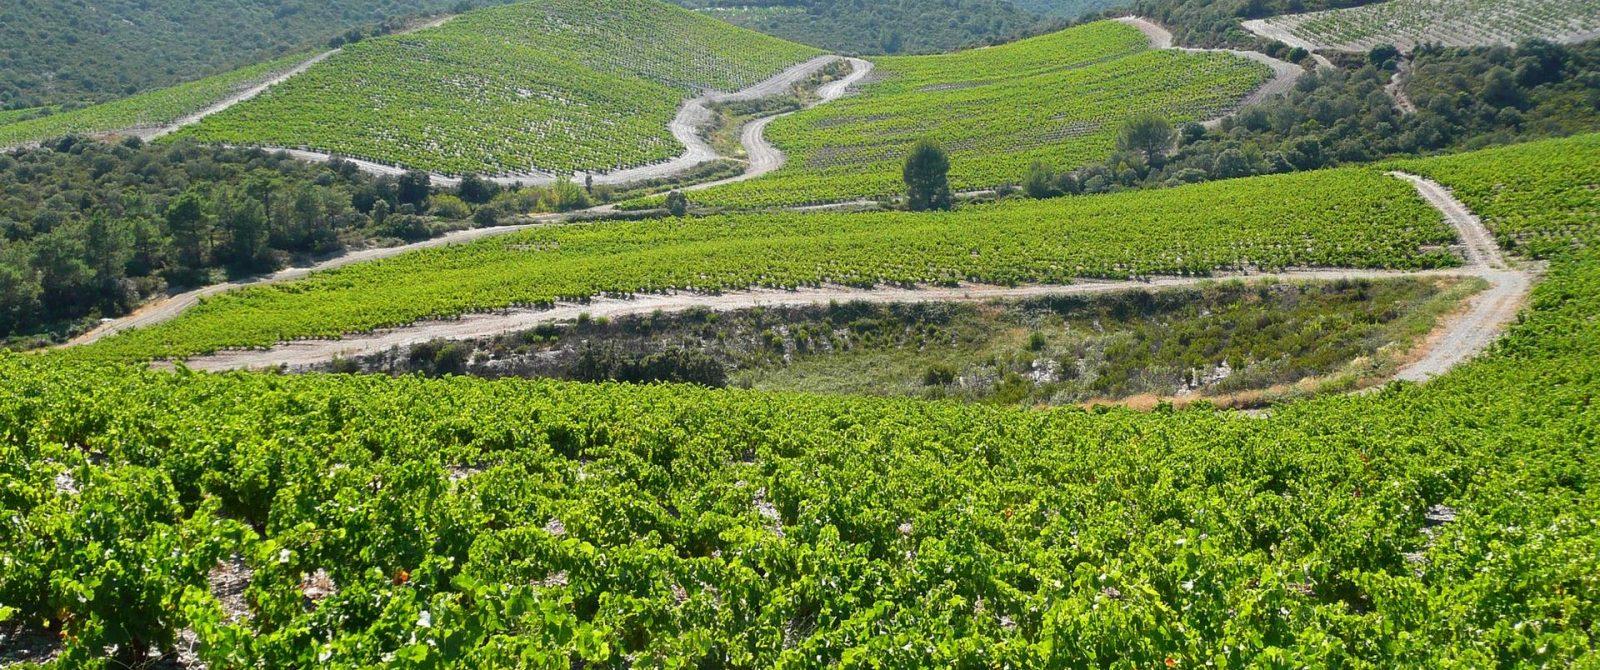 Villeneuve les corbières, vignes, aoc corbières